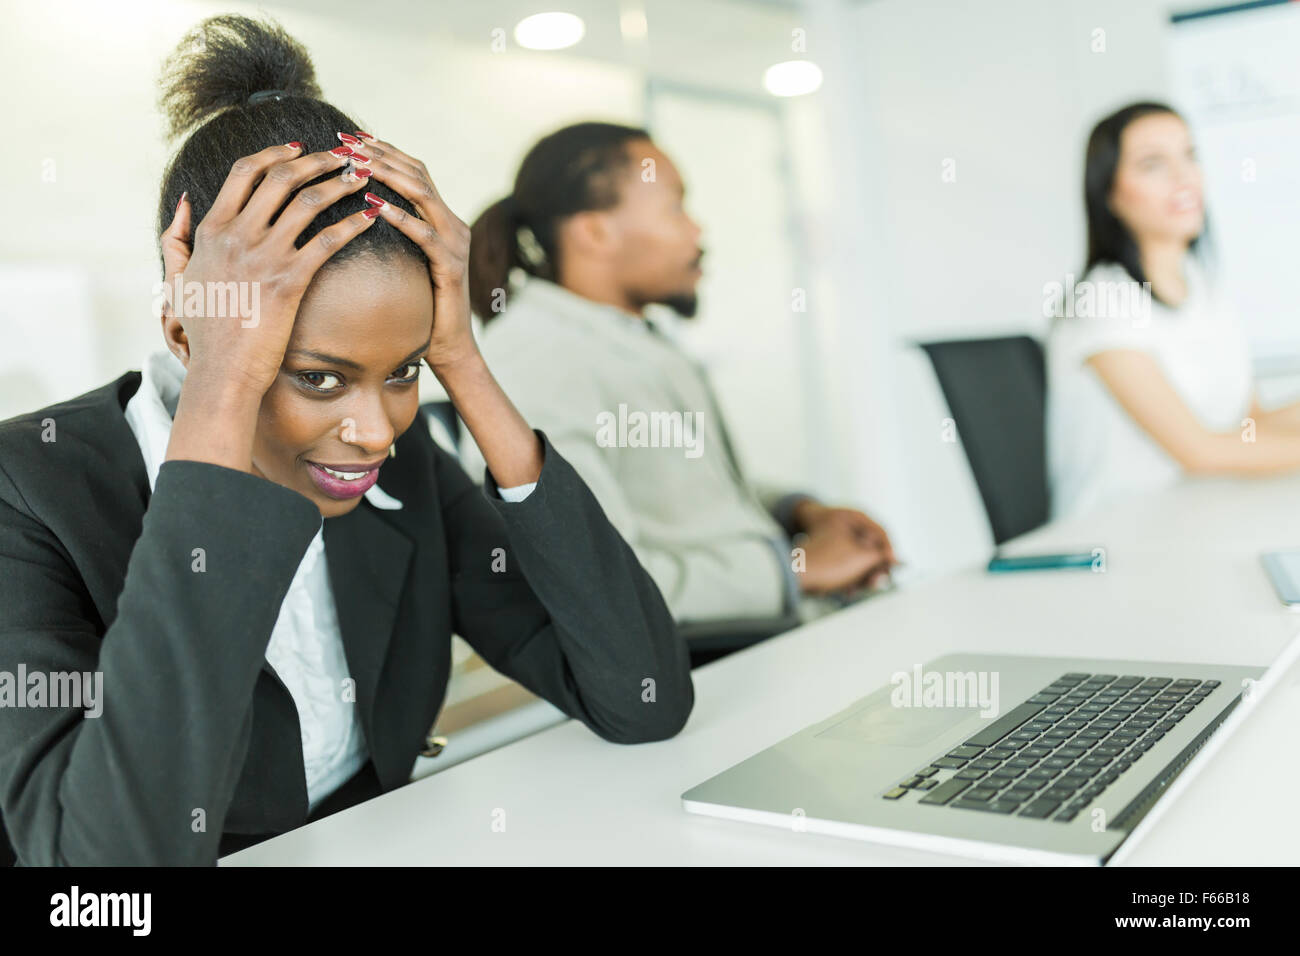 Jeune femme a souligné la lutte avec une migraine pendant une conférence d'affaires Banque D'Images